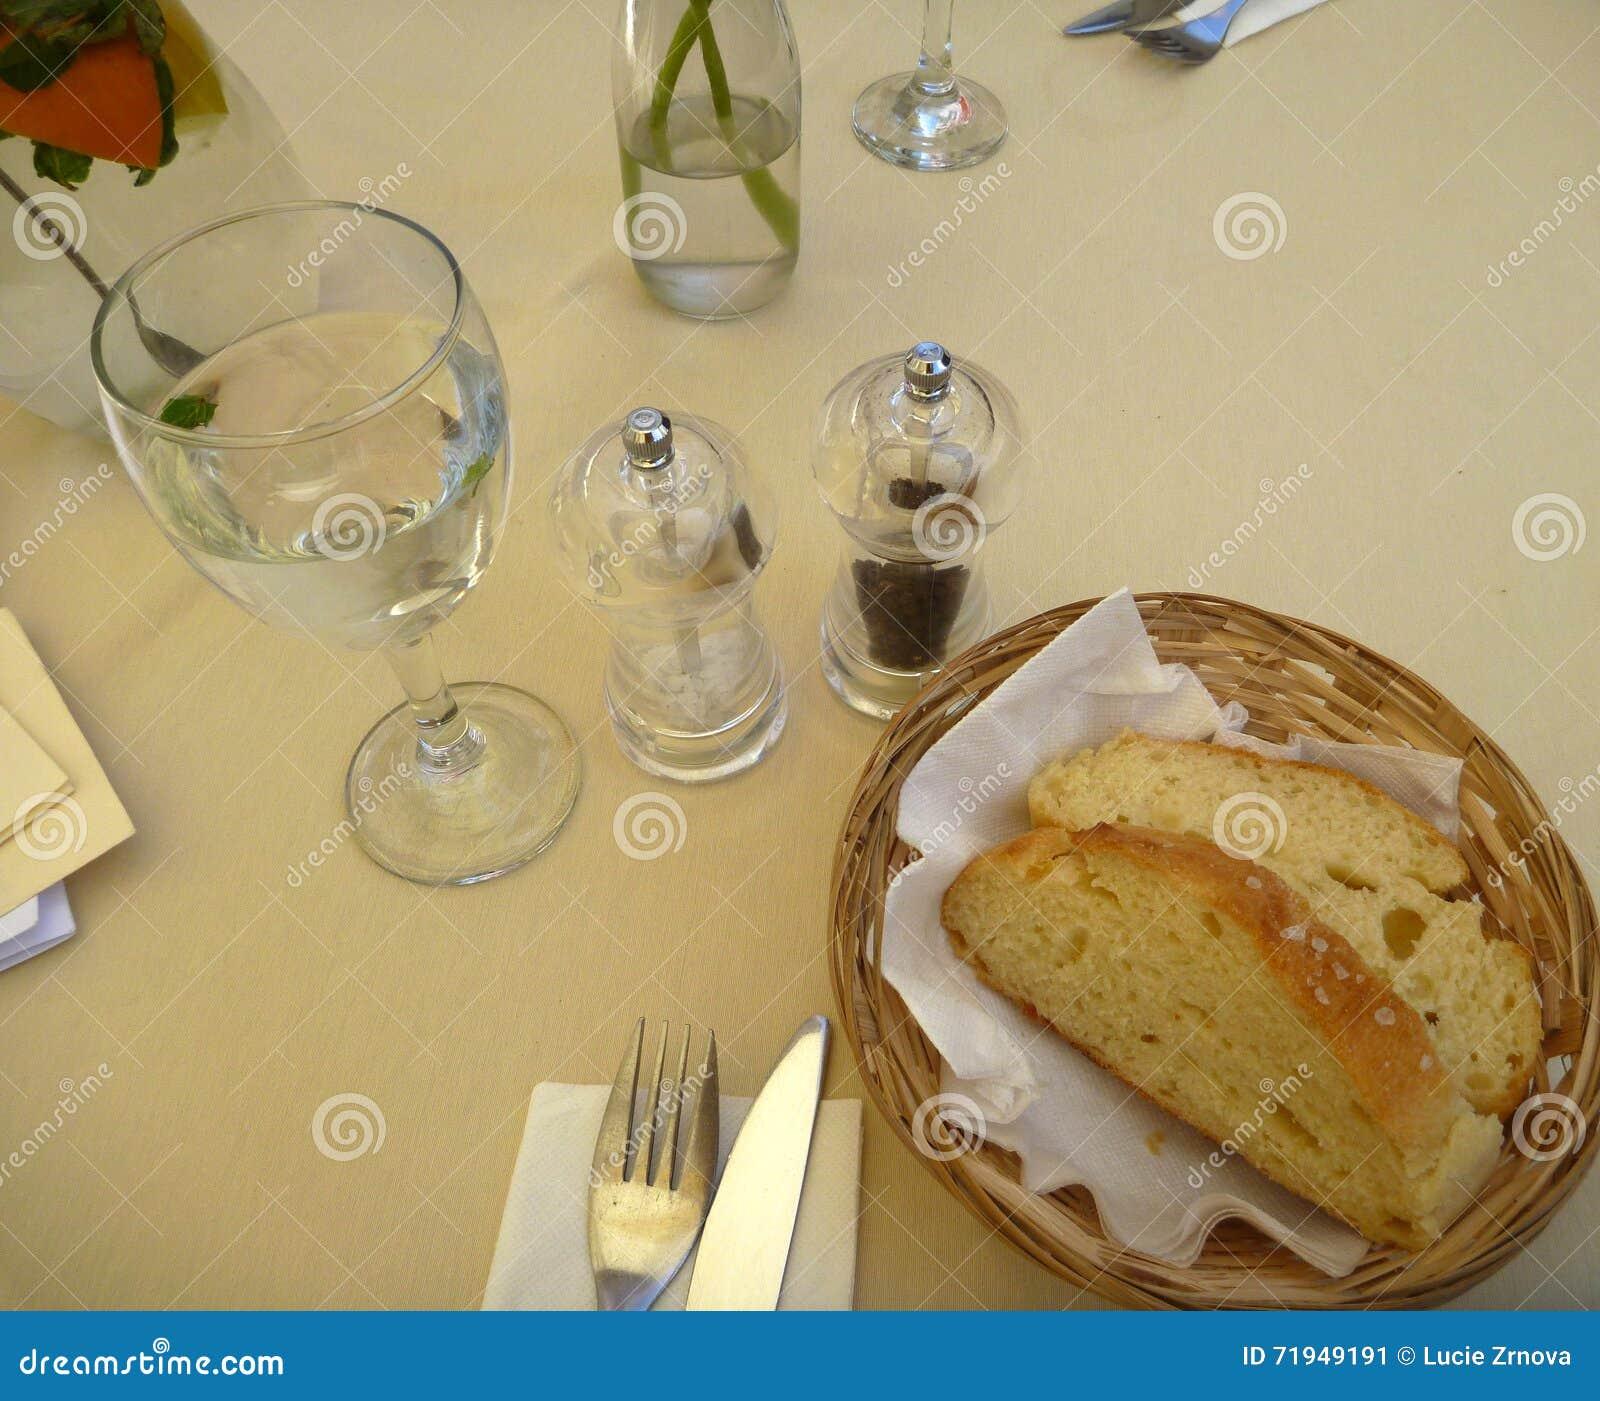 Свежий хлеб в корзине с ножом и вилкой